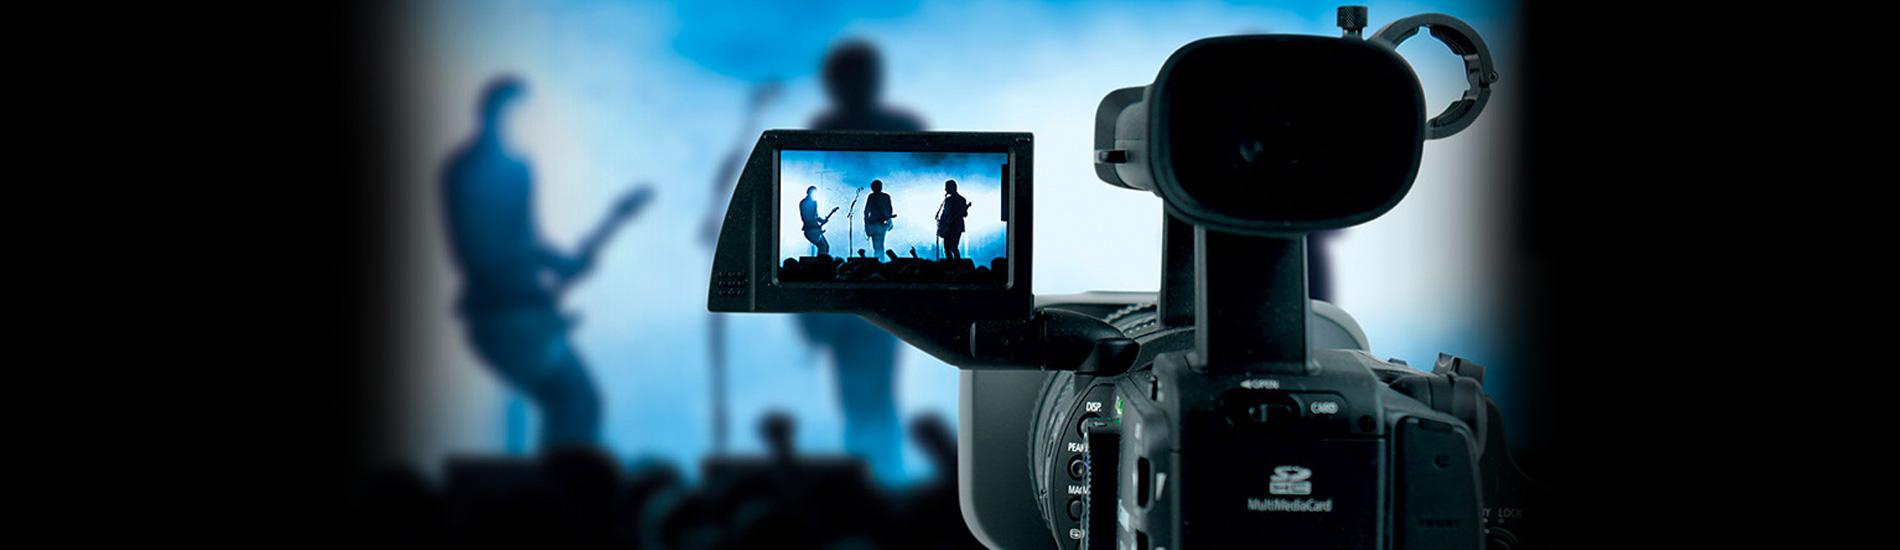 Film and audio media